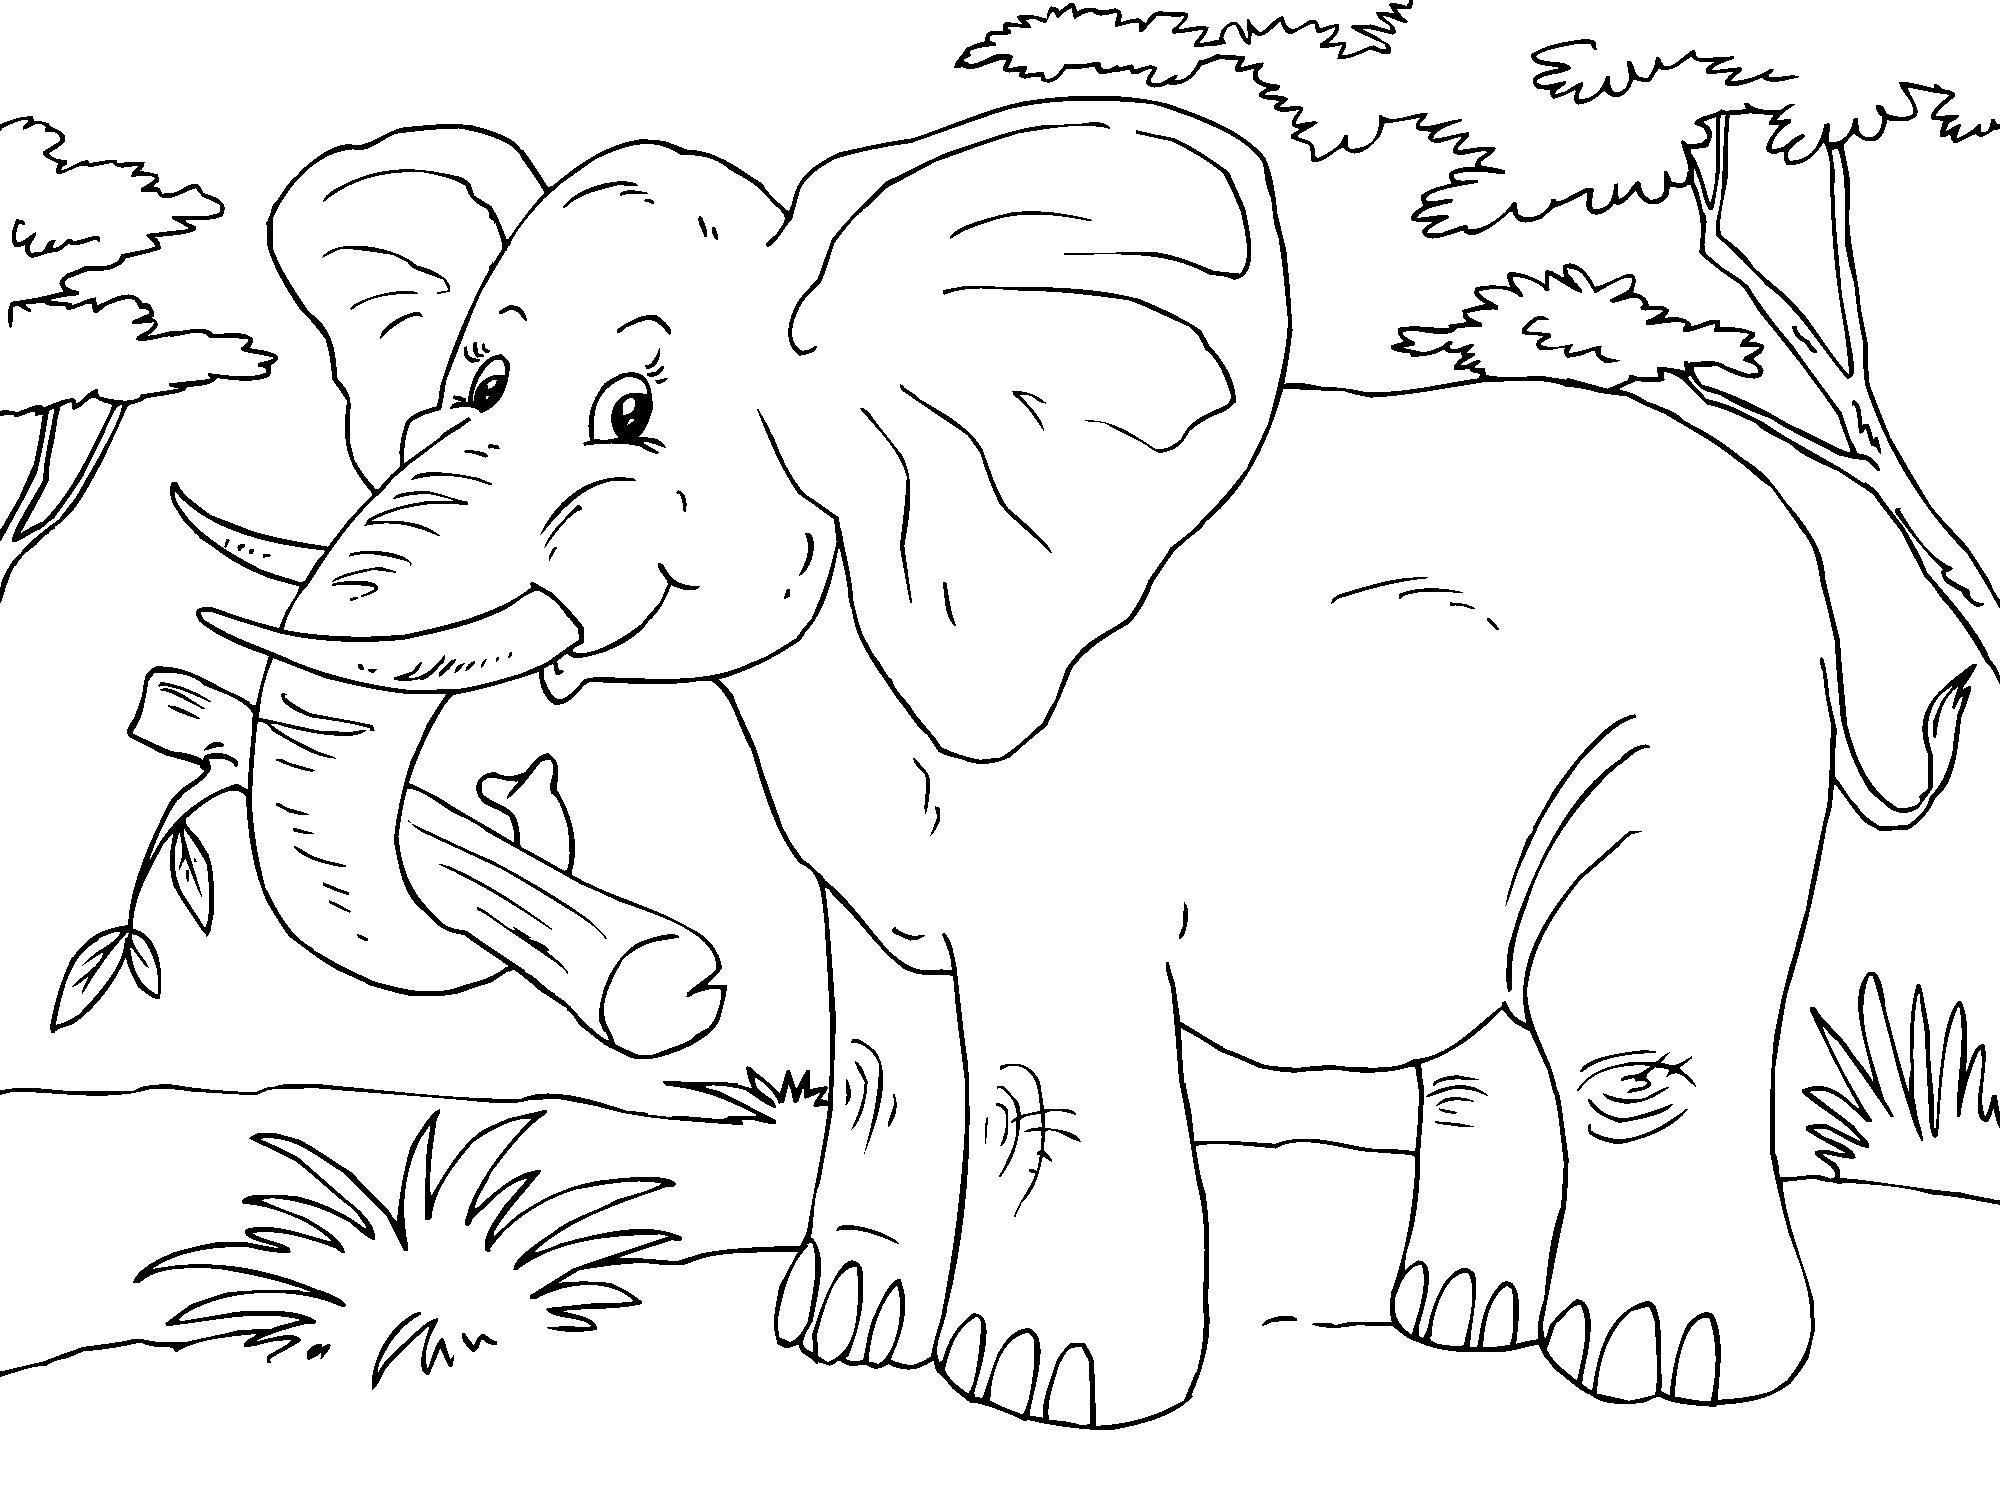 Malvorlage Elefant - Kostenlose Ausmalbilder Zum Ausdrucken.